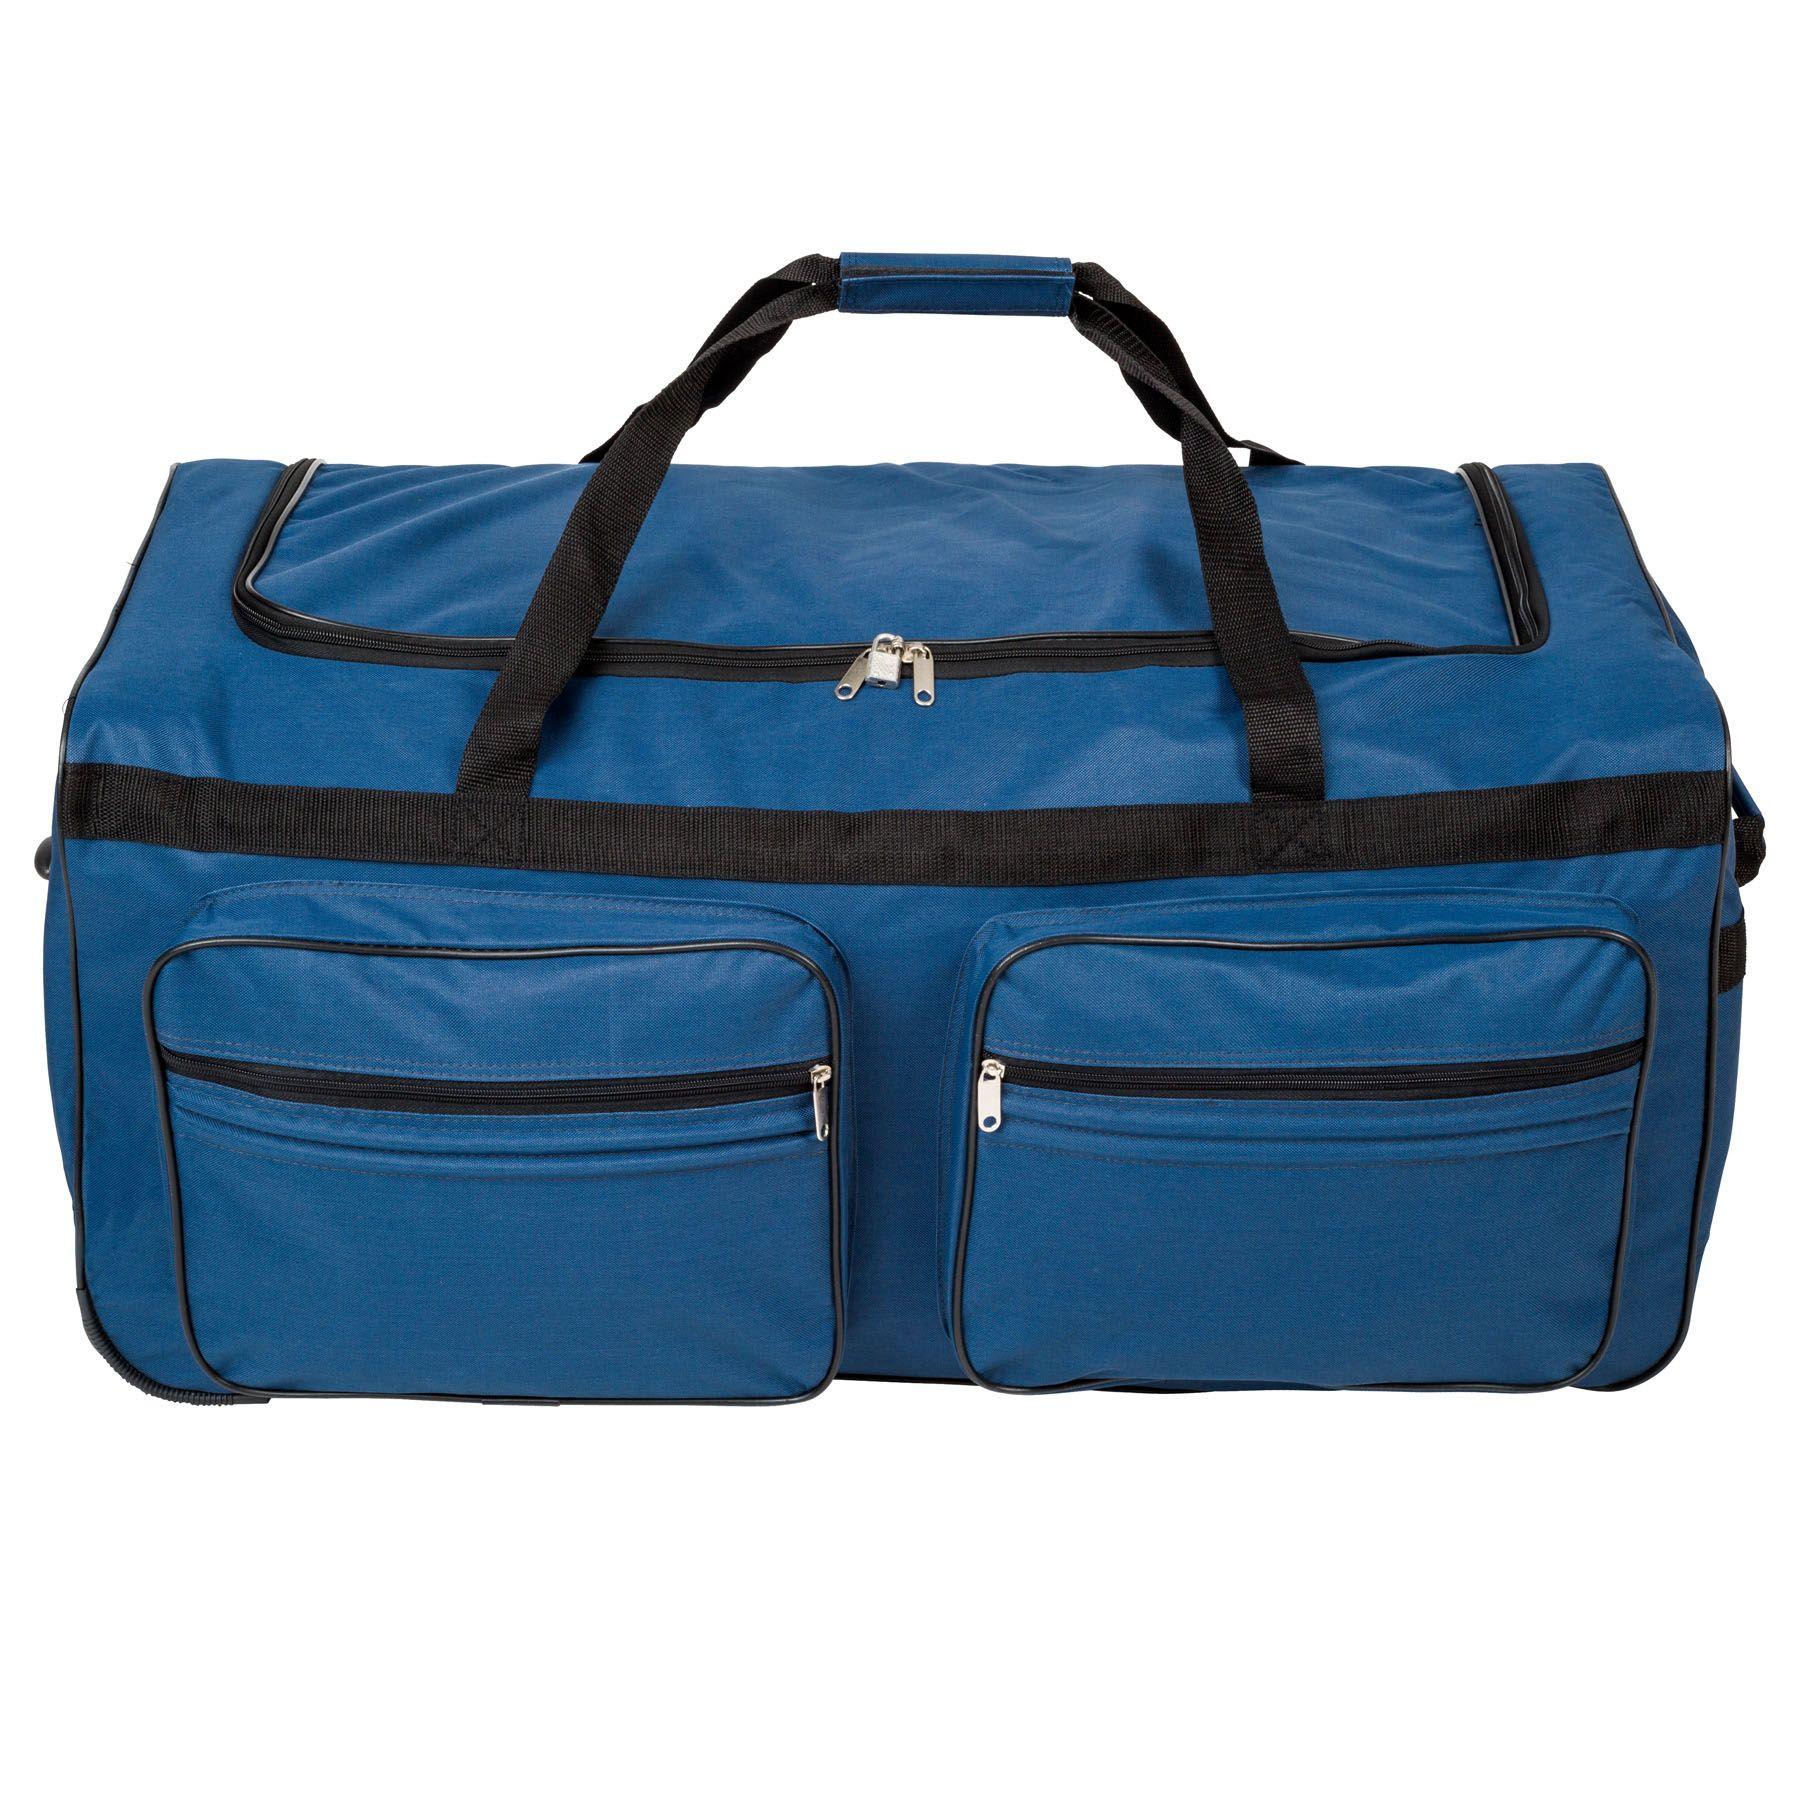 402215_2 Sac de voyage XXL valise trolley légère sport bagage à roulettes 160 litres